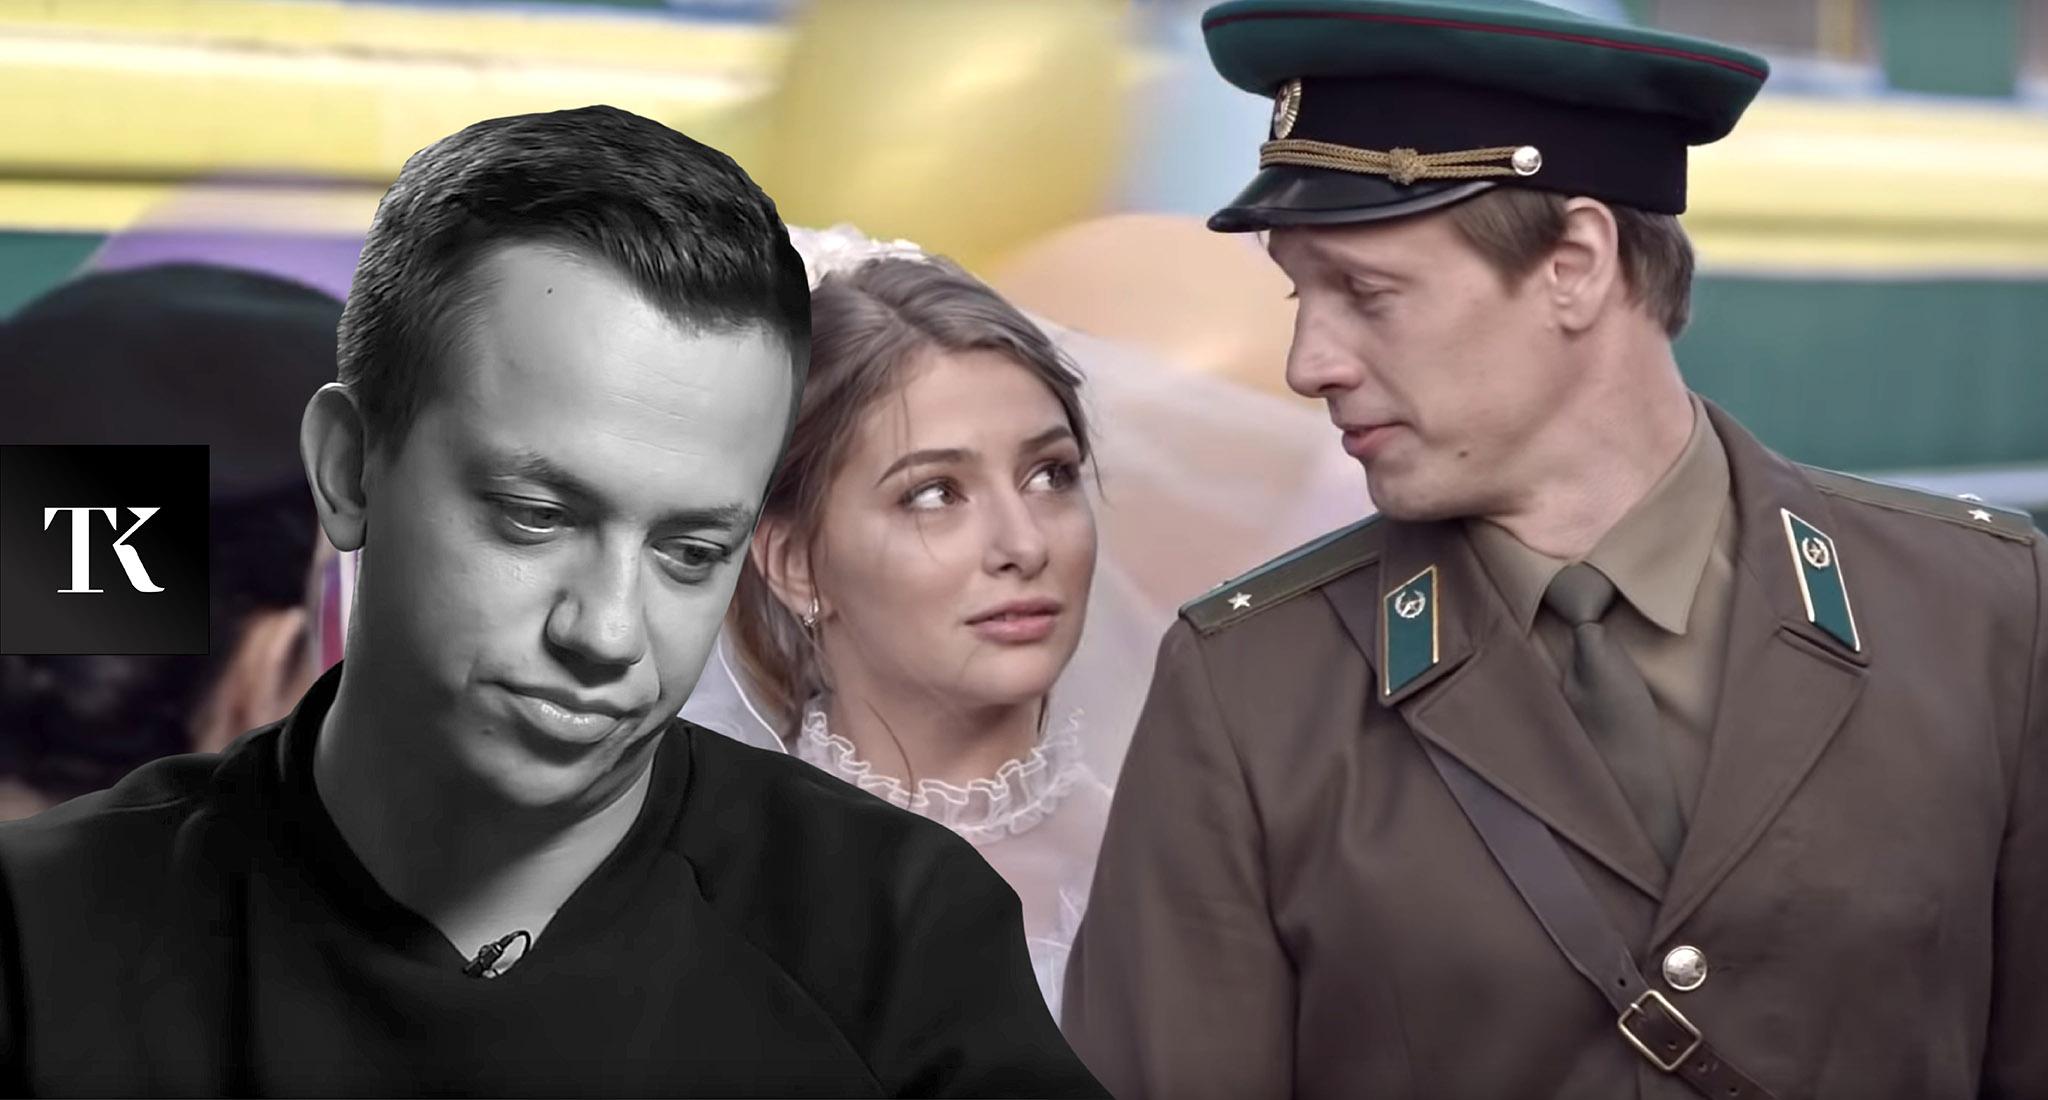 📈👁Телерейтинги: «Украина», не падай духом. Зрители переключились на СТБ и «1+1»